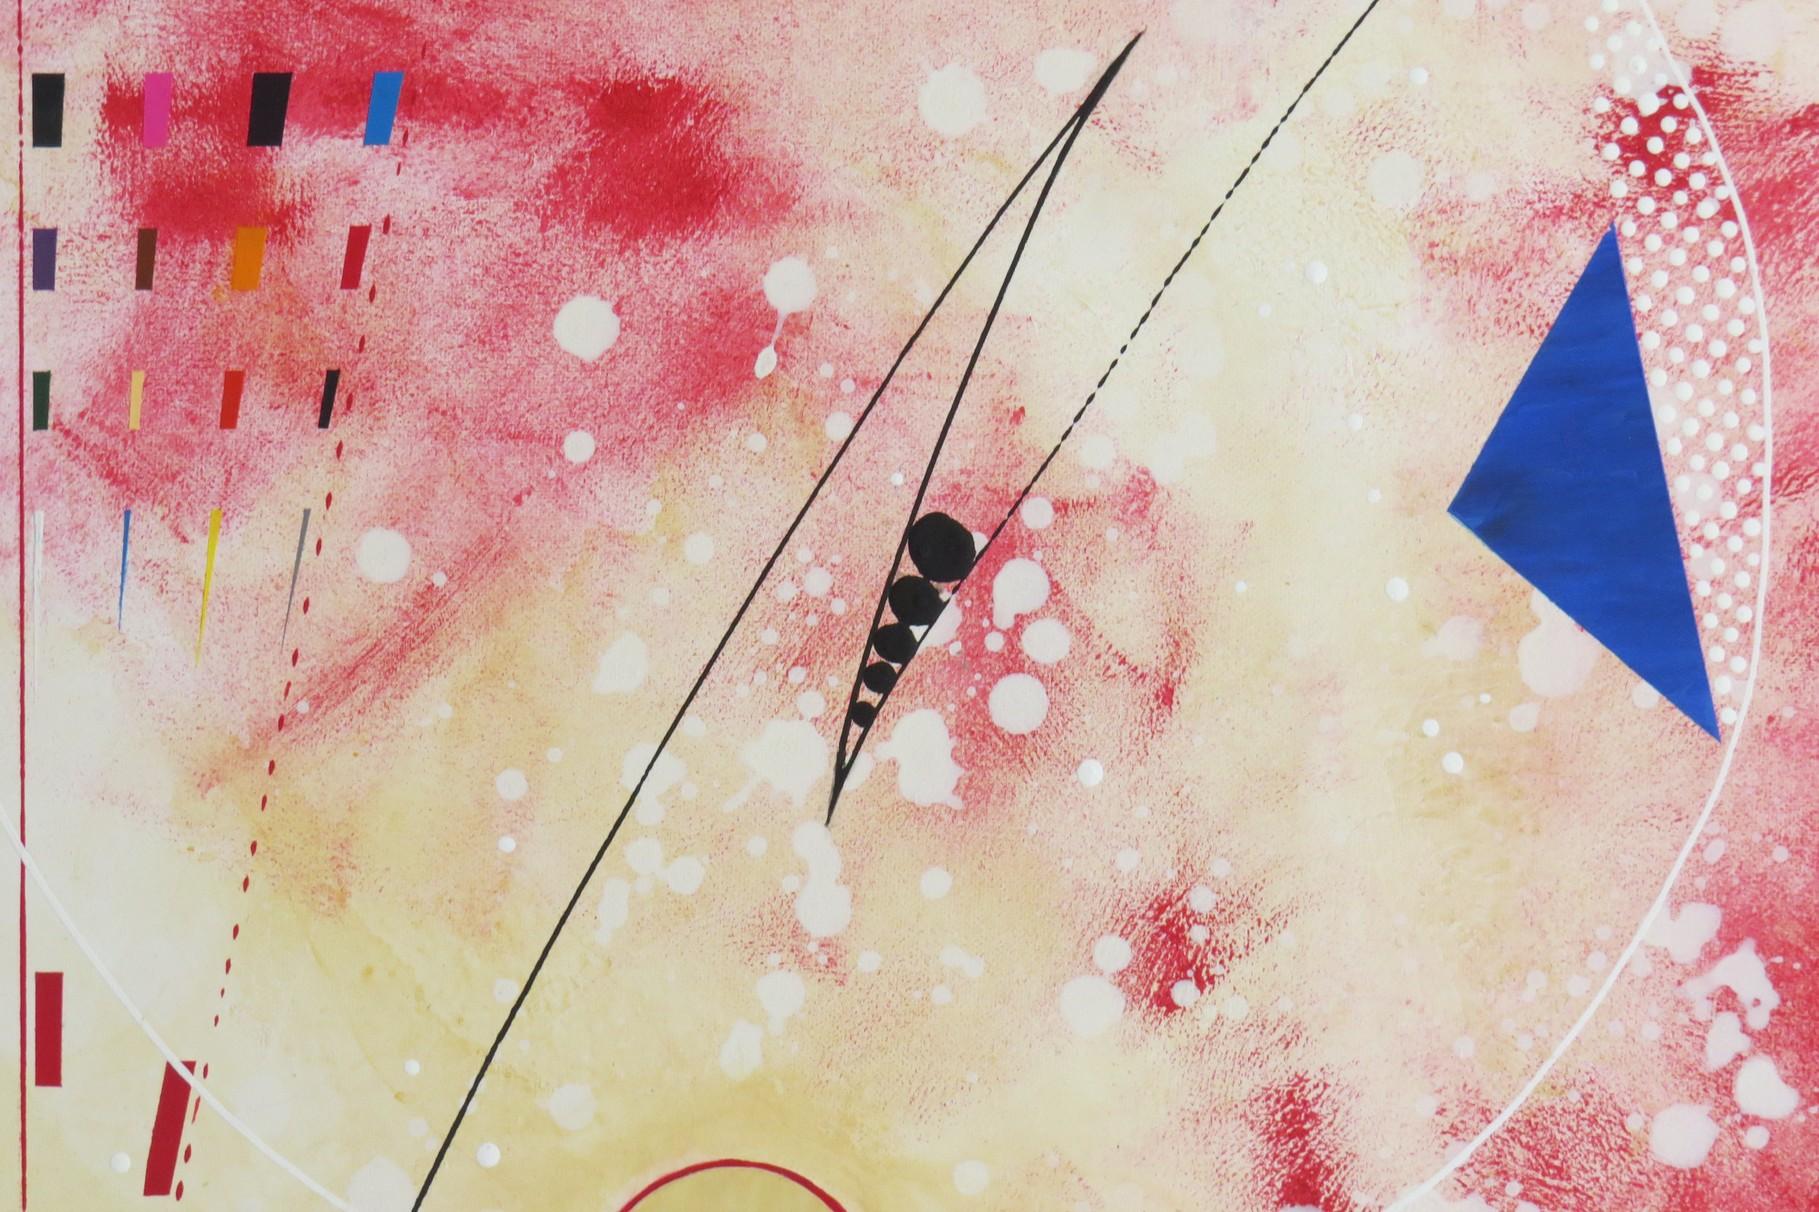 voie de l'art. zoom 4. tableau. abstrait. abstraction